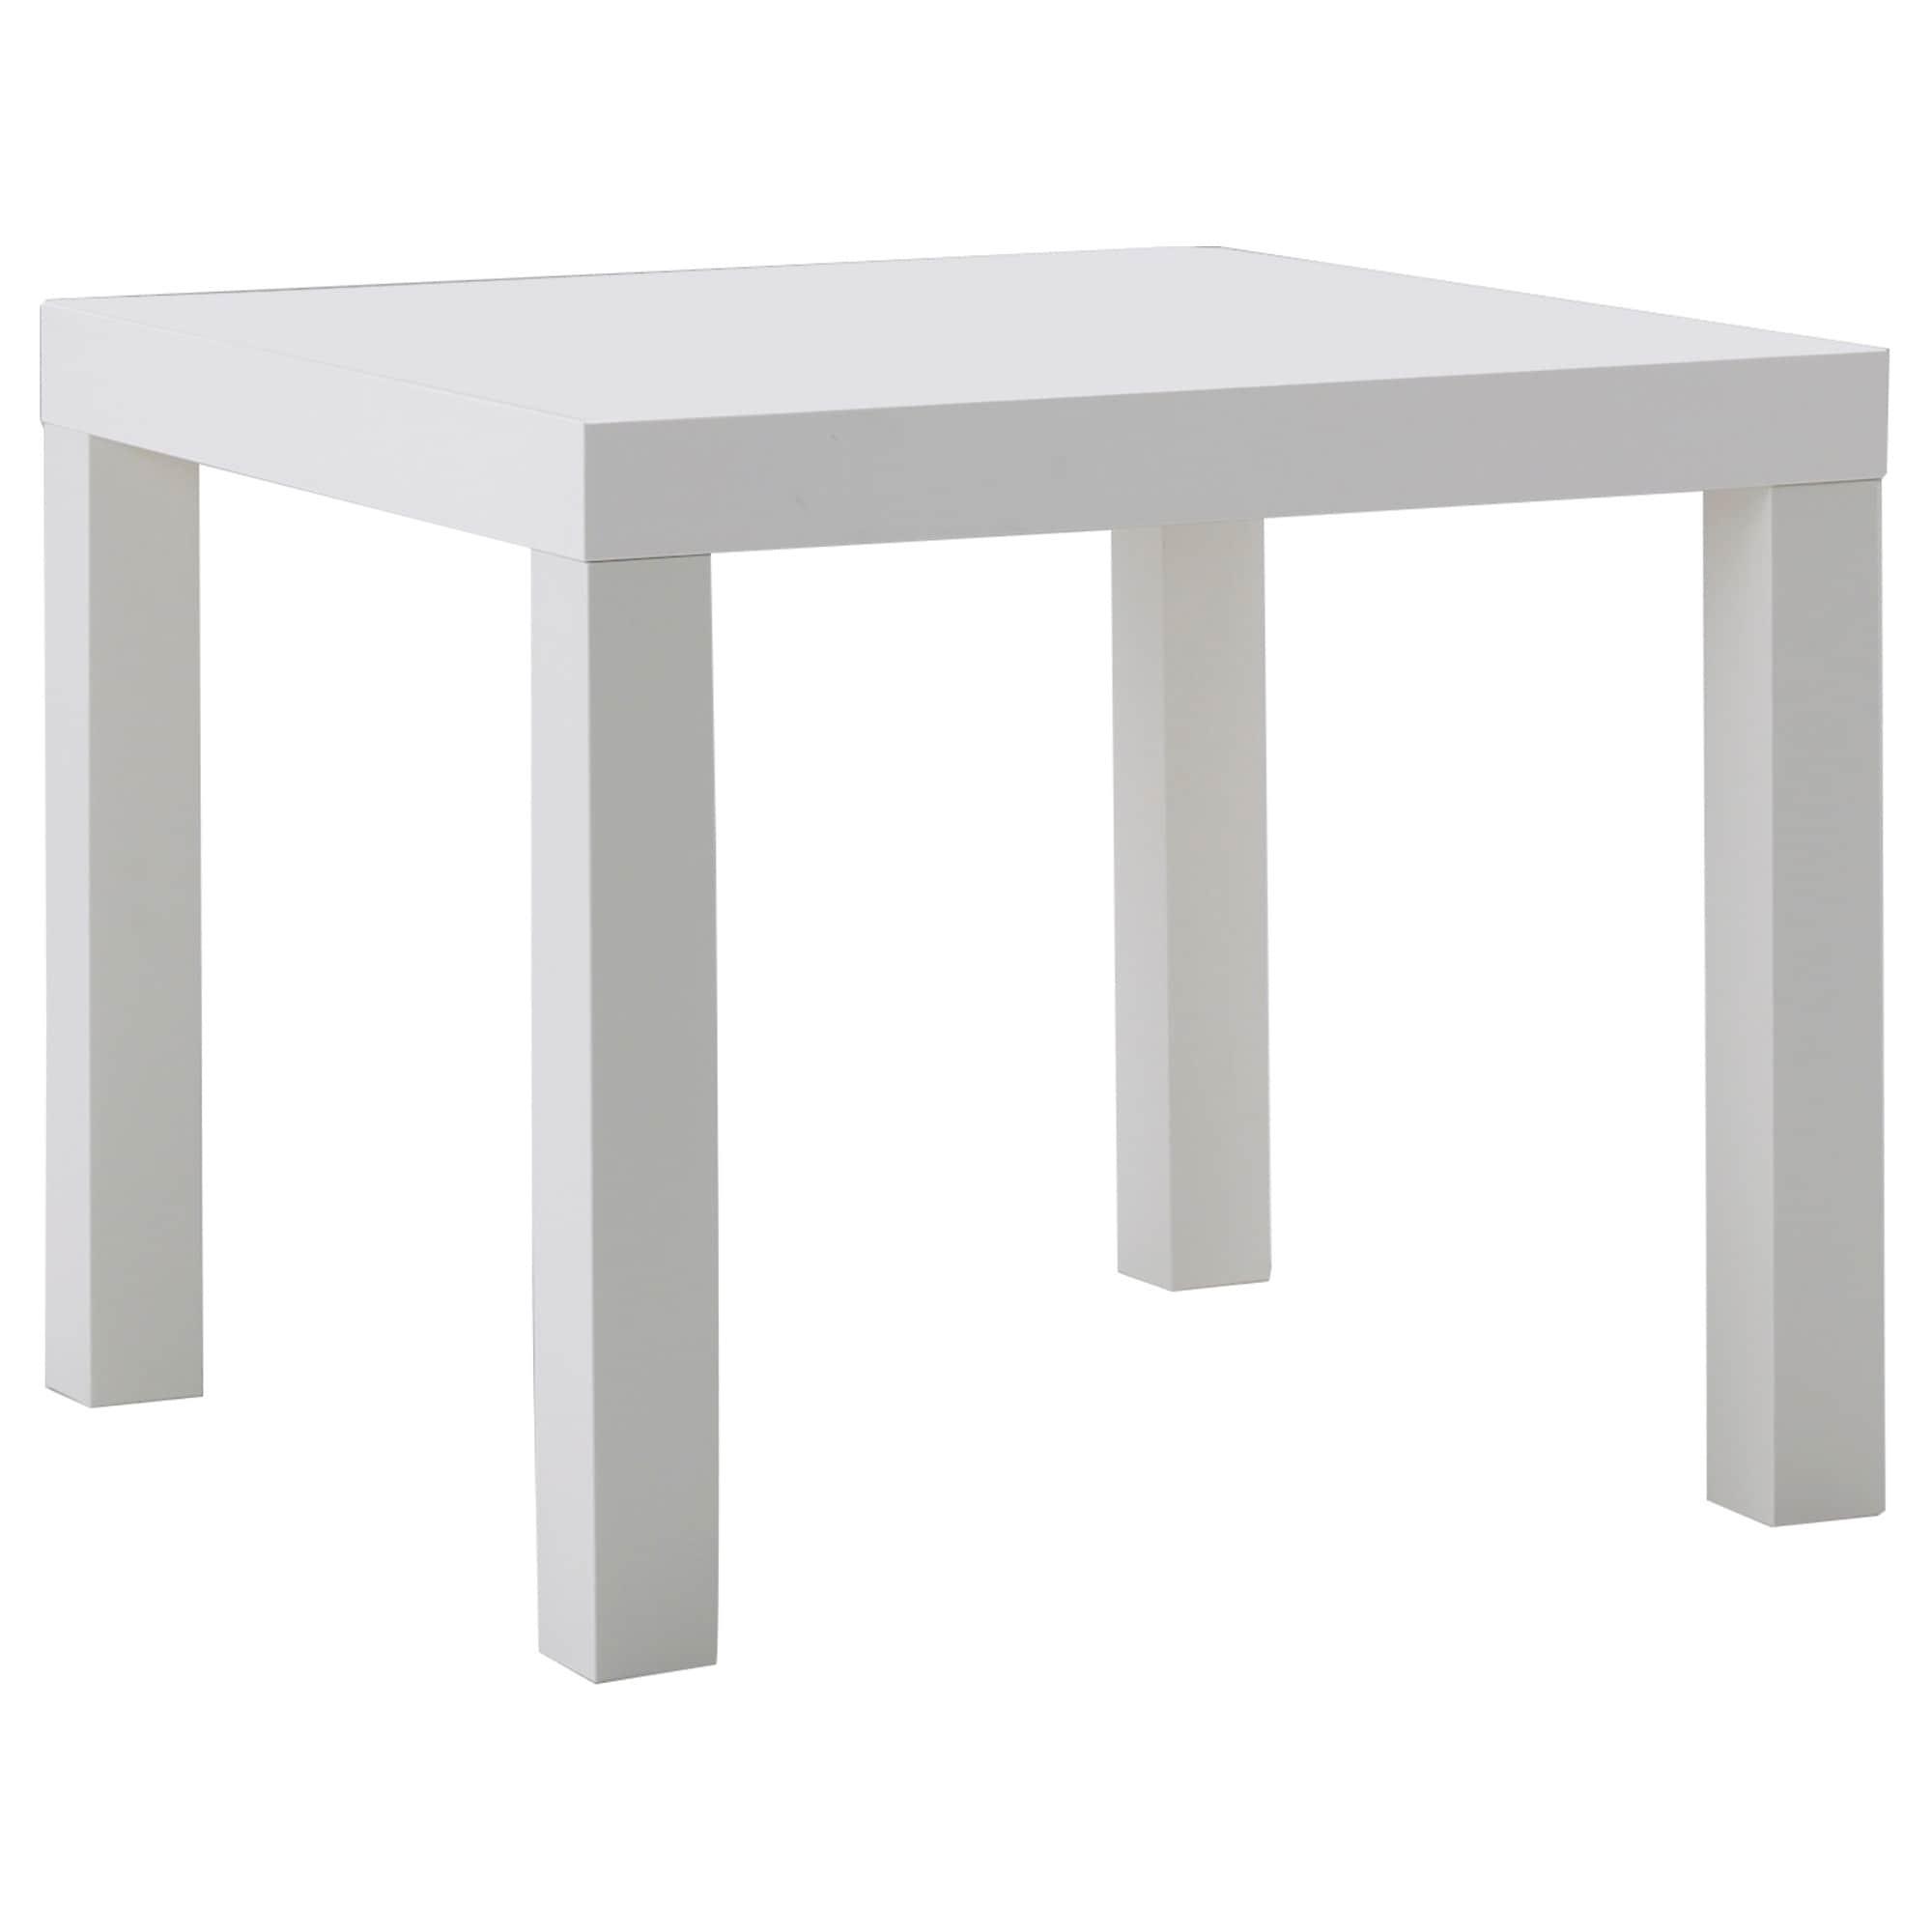 Mesas Auxiliares Conforama Gdd0 Mesas De Centro Y Mesas Auxiliares Pra Online Ikea